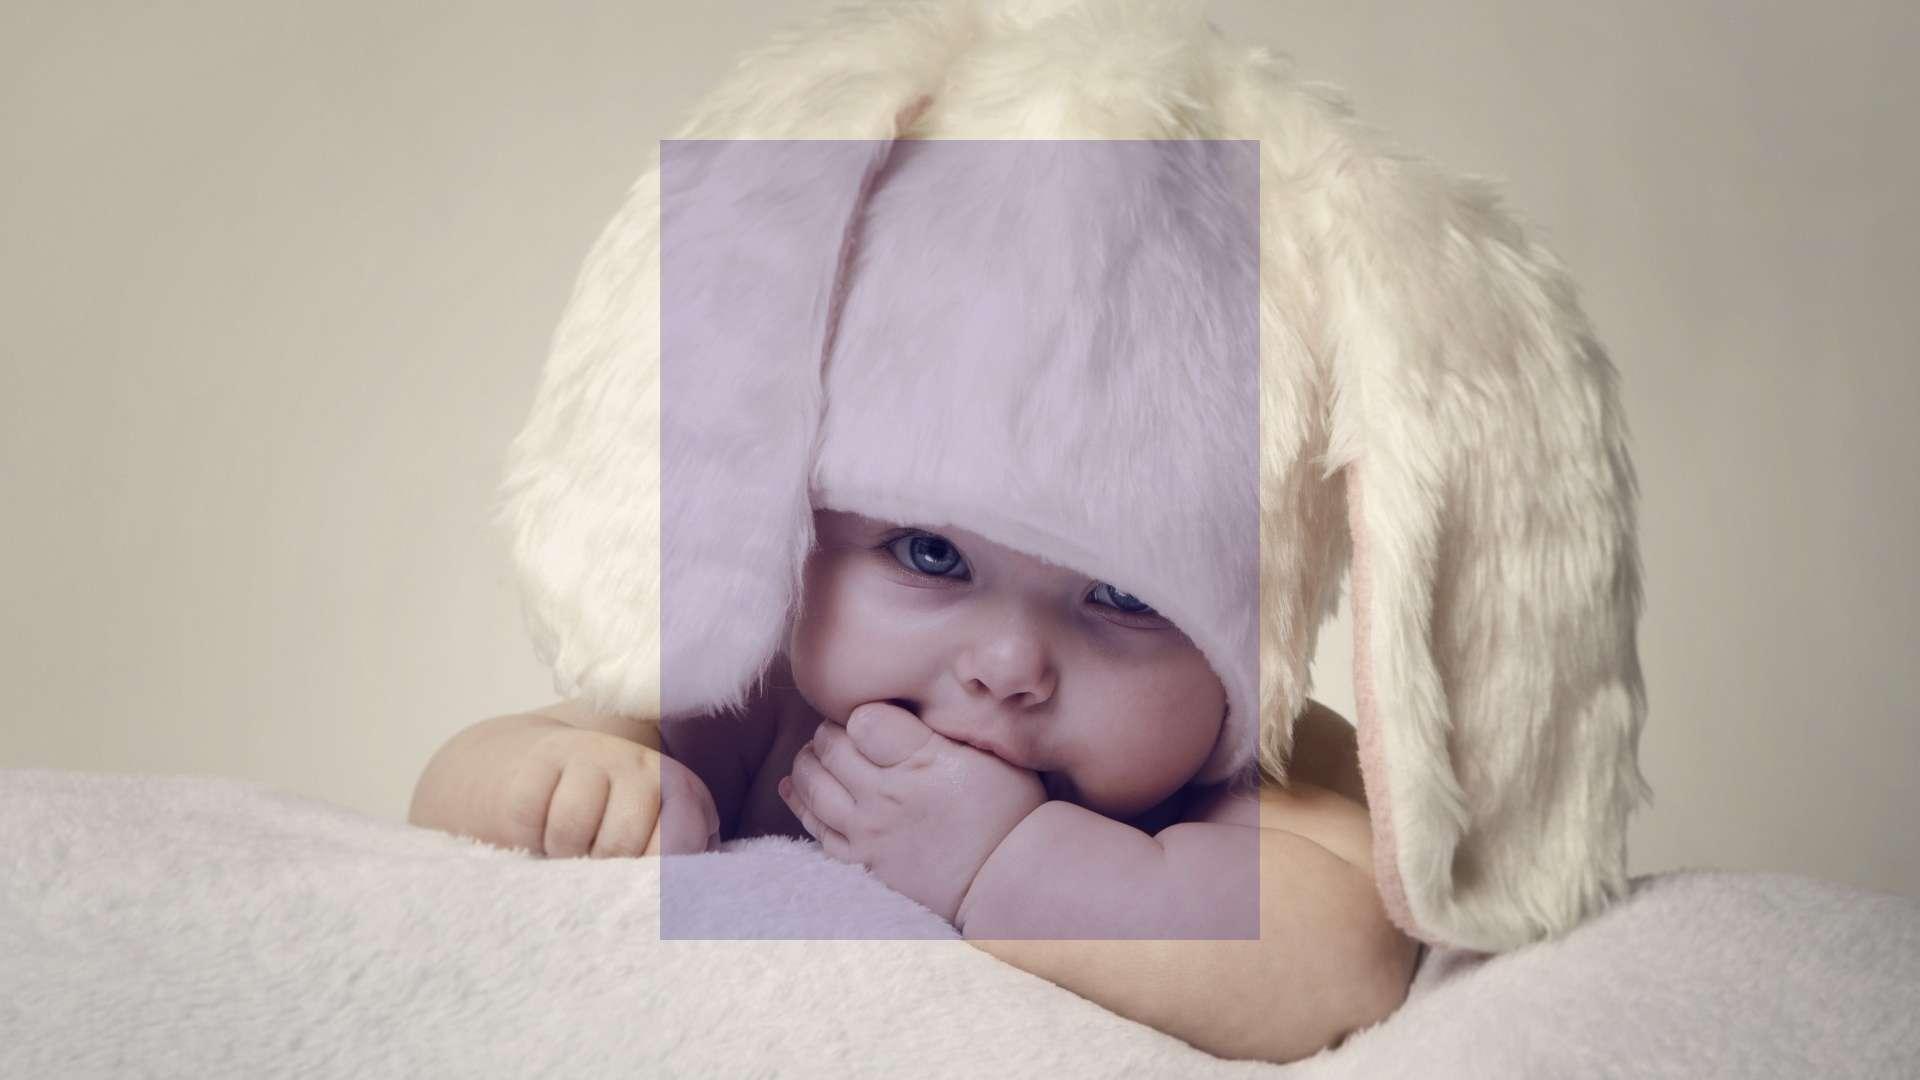 تعبیر خواب بچه ,تعبیرخواب بچه , بچه در خواب دیدن